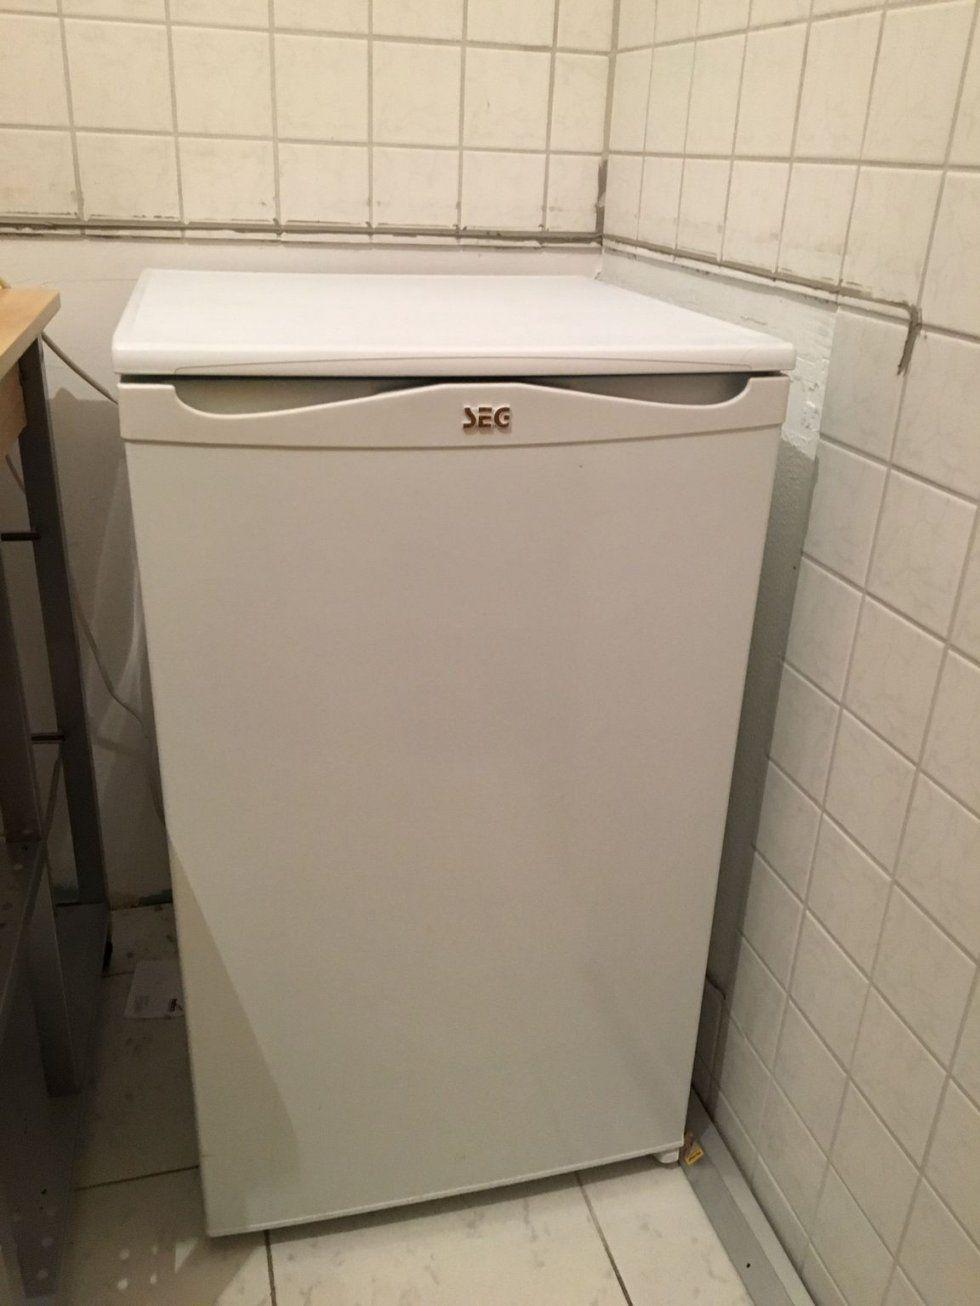 Gebraucht Seg Kühlschrank 91 Liter Inkl Gefrierfach In 61440 von Kühlschrank Mit Gefrierfach Gebraucht Bild